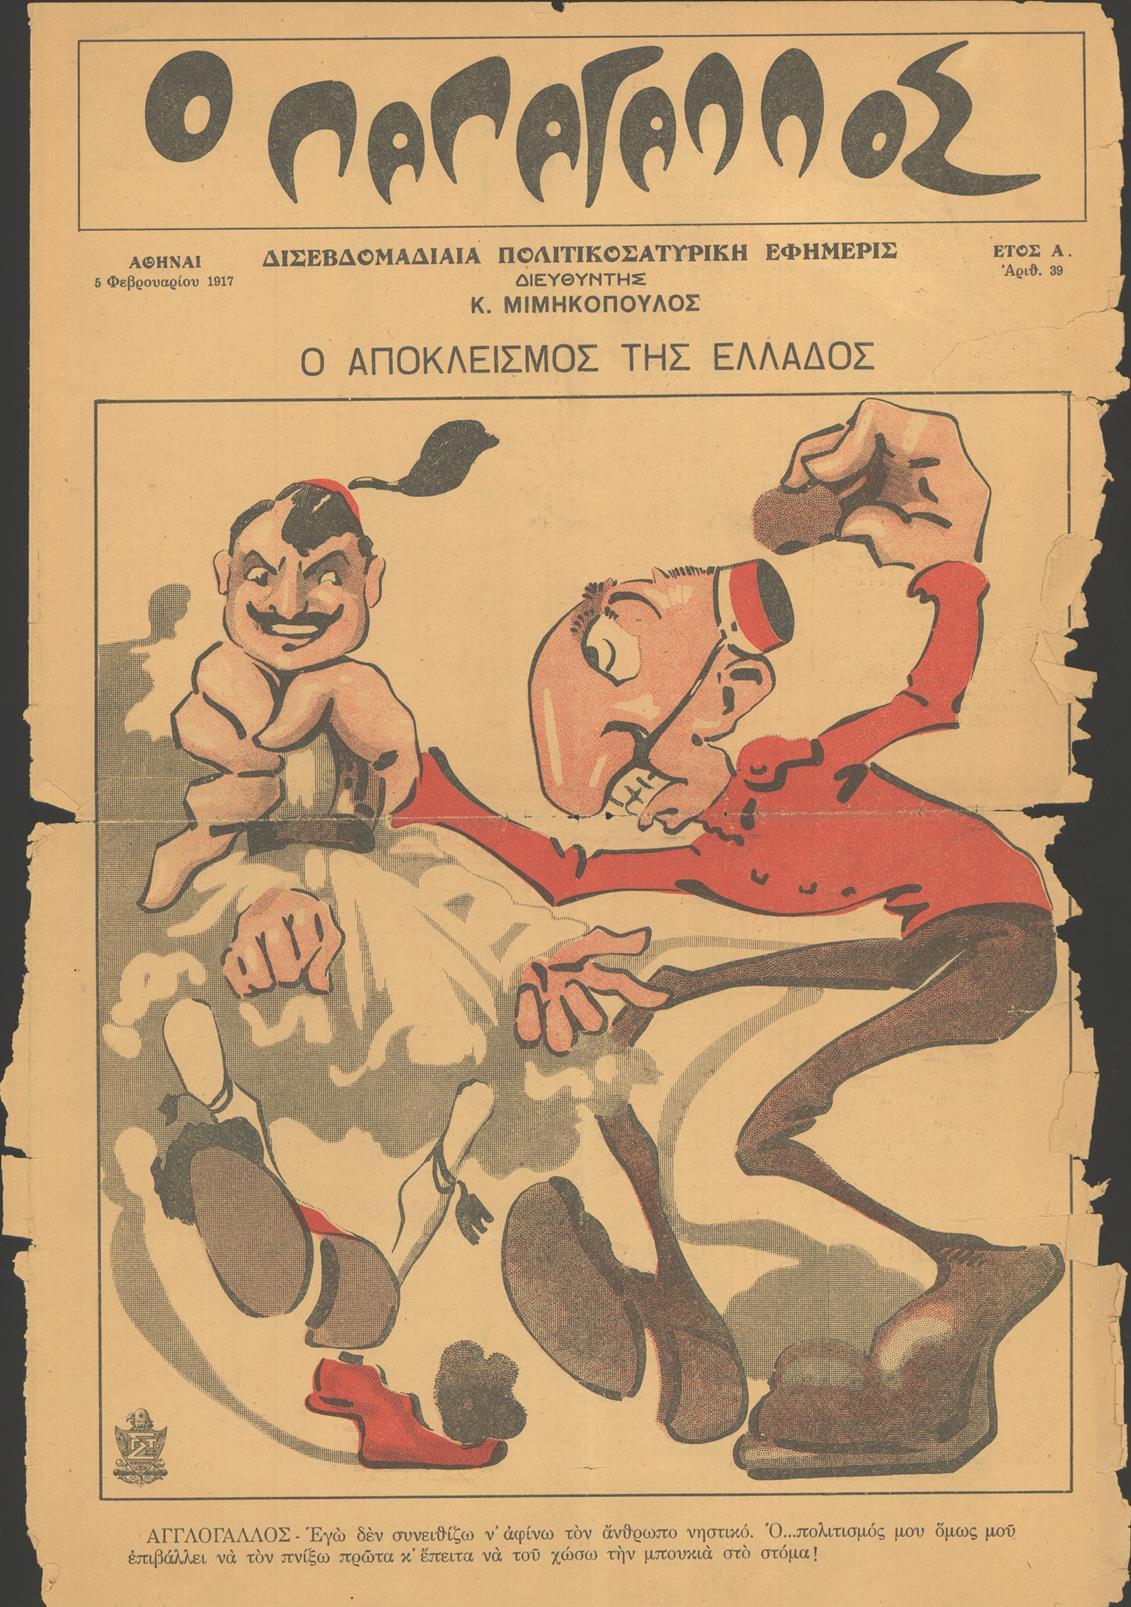 Εξώφυλλο περιοδικού σχετικά με τον συμμαχικό αποκλεισμό